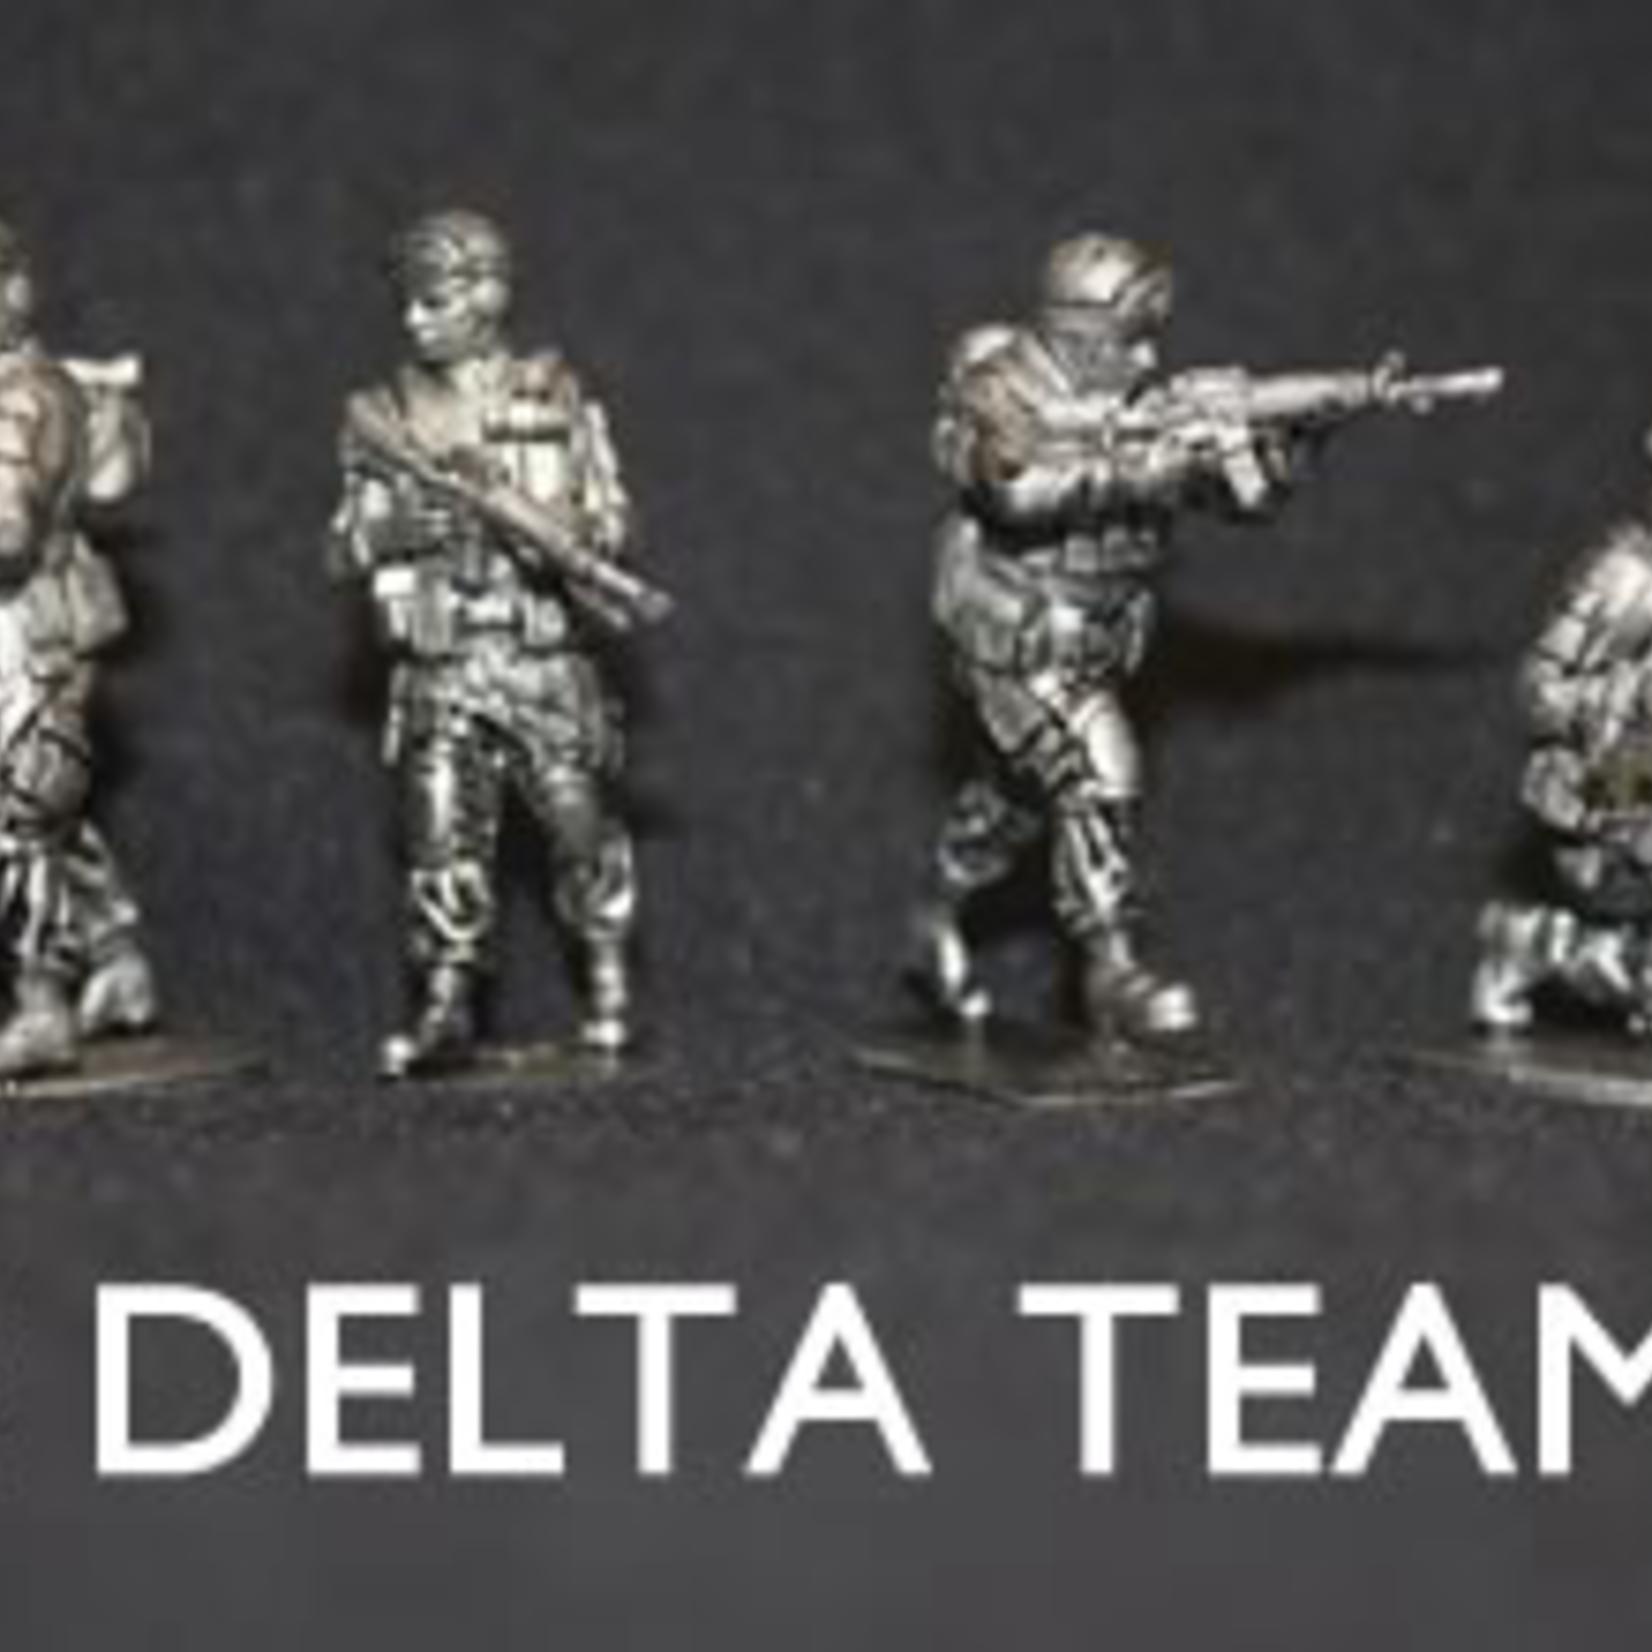 U.S. Delta Team A